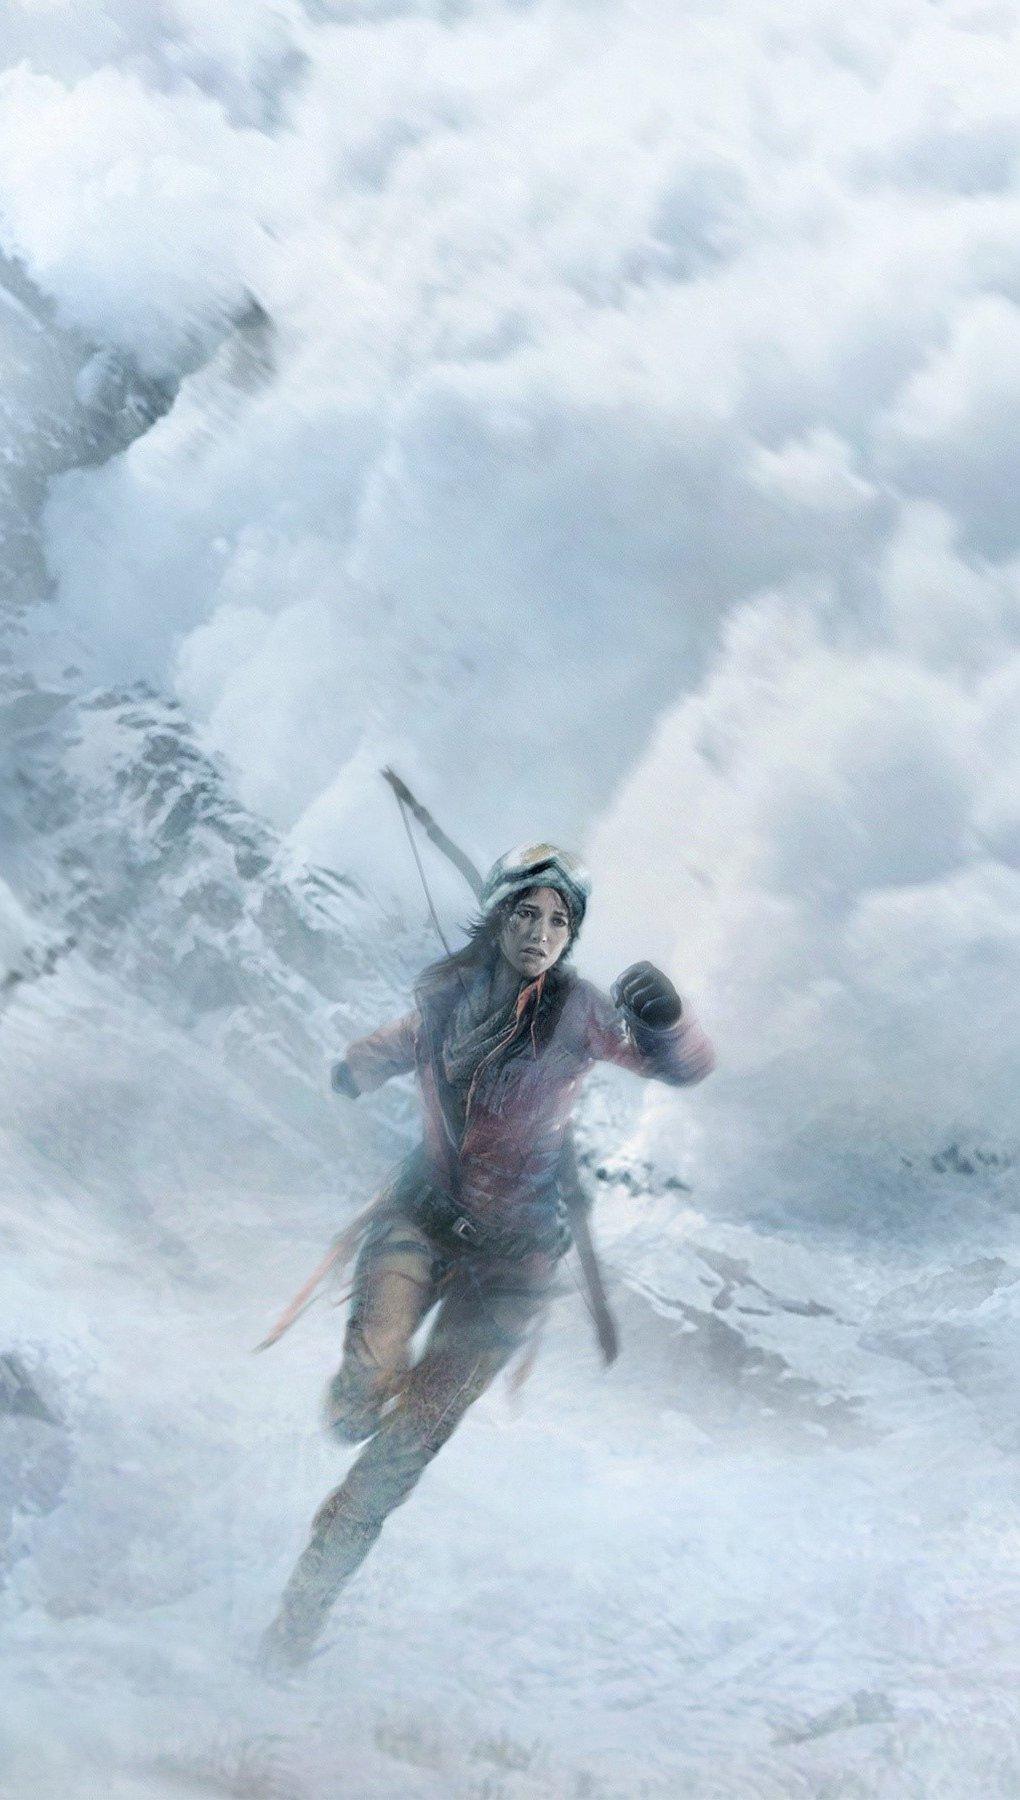 Fondos de pantalla Lara Croft en niebla Vertical